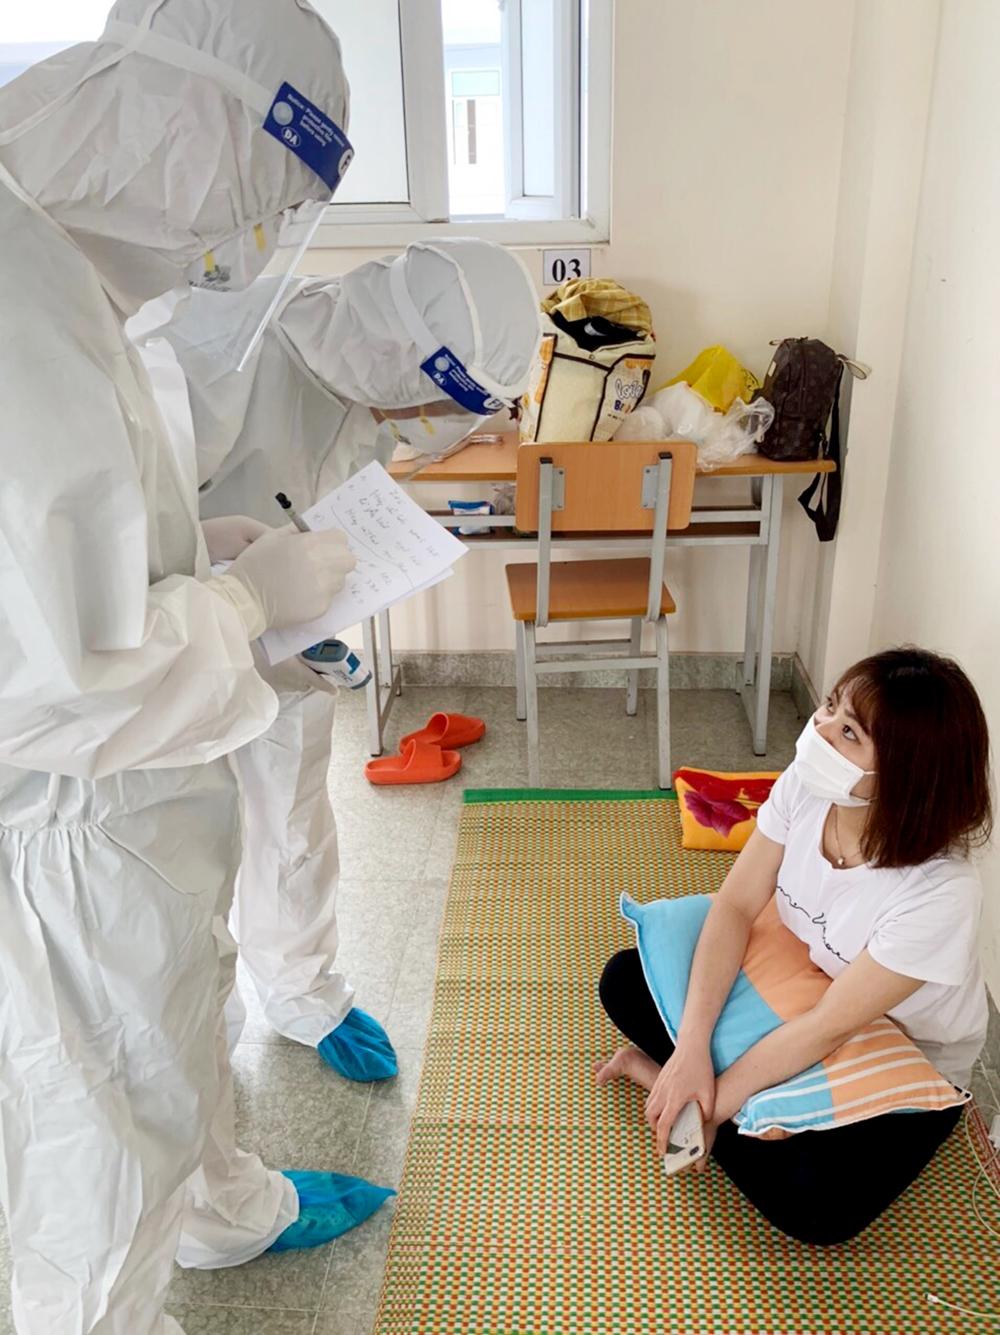 Cán bộ y tế thăm khám và ghi chép lại tình hình sức khỏe công dân mỗi ngày.